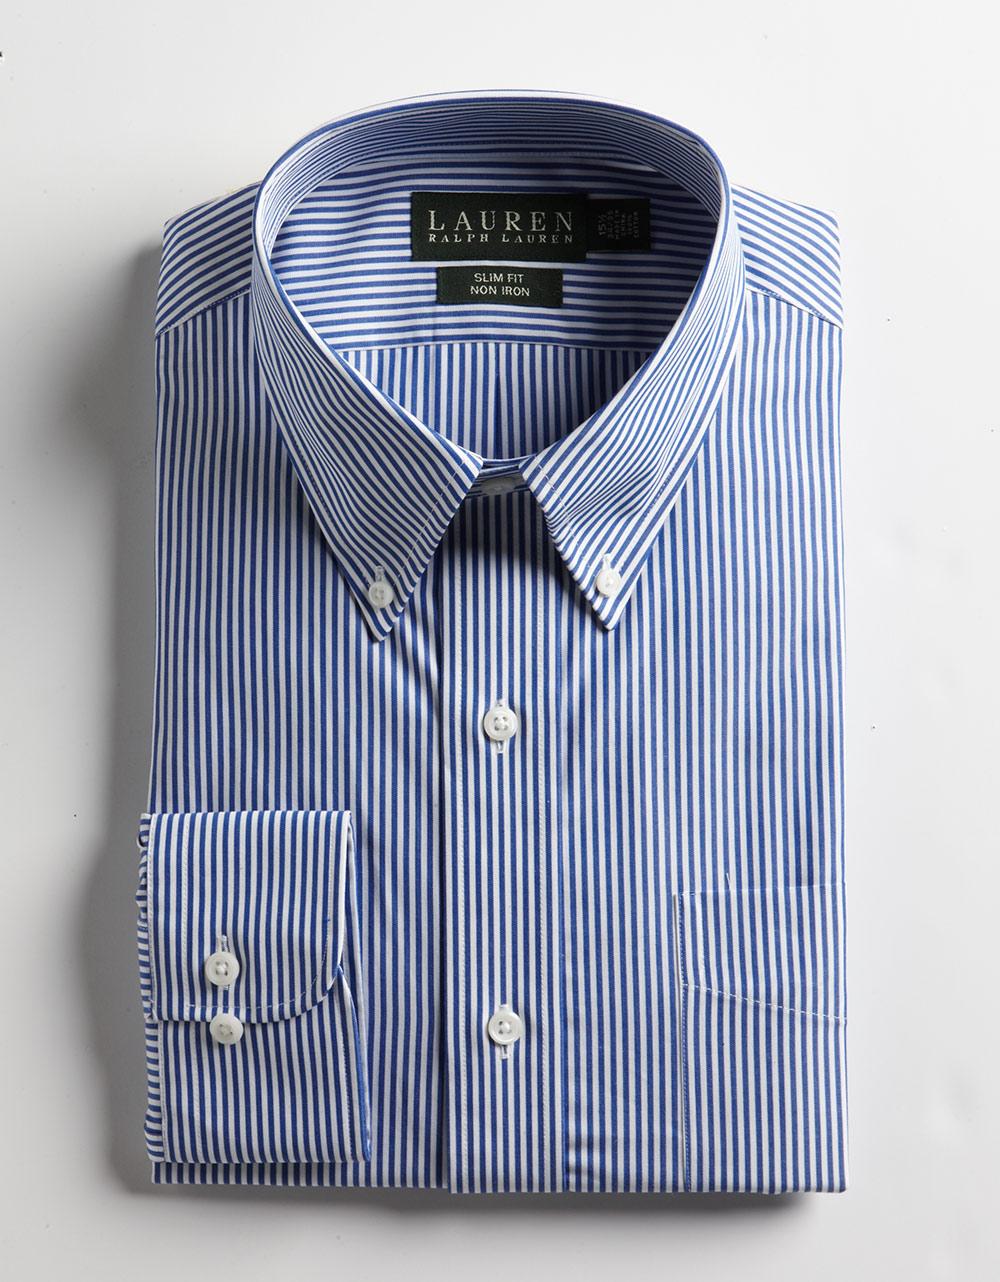 Lauren By Ralph Lauren Non Iron Slim Fit Dress Shirt In